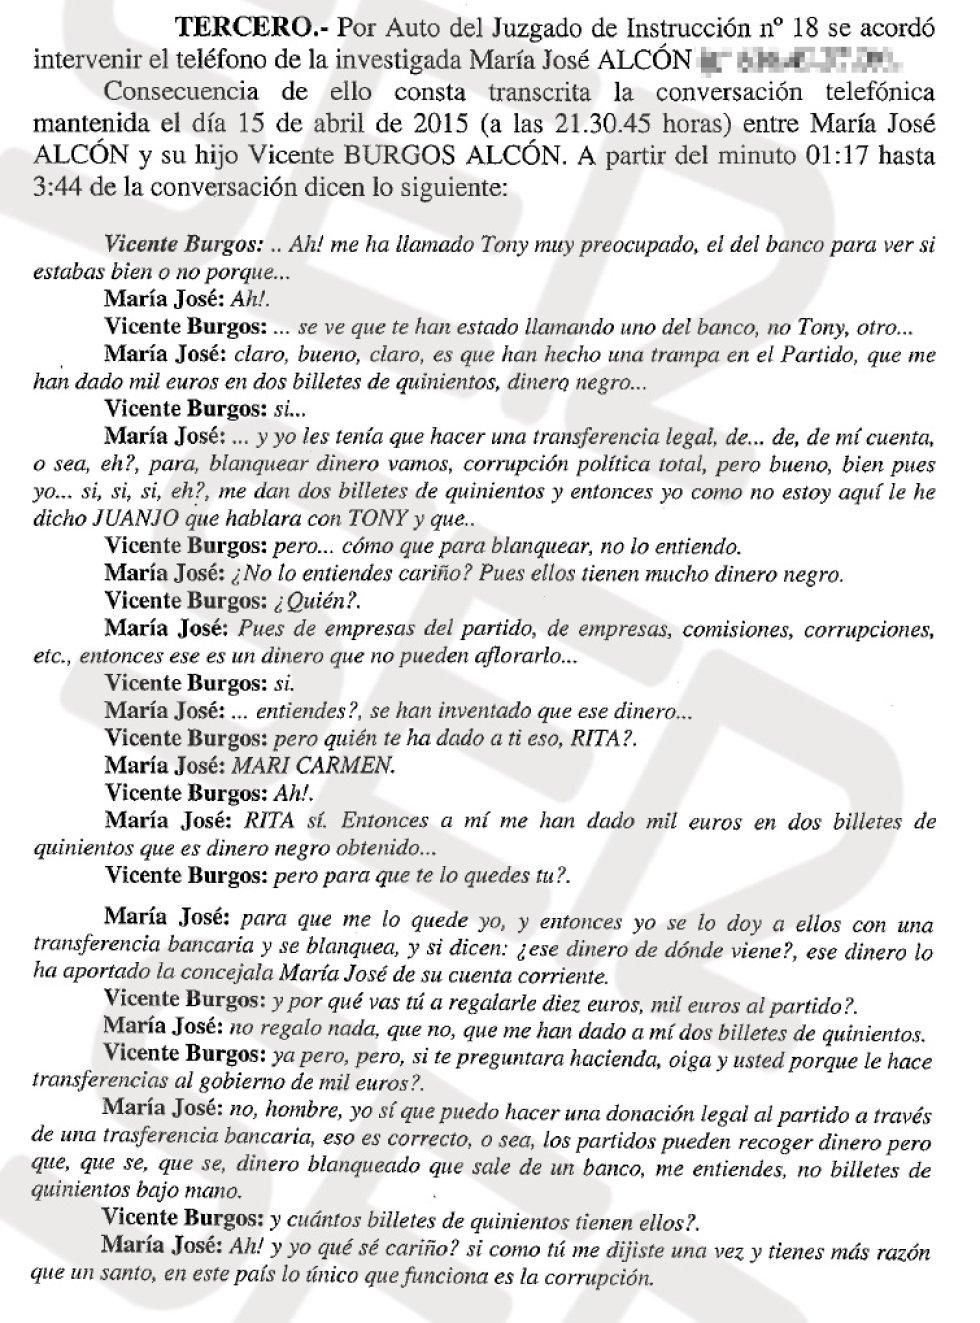 """En el sumario del denominado caso Taula, al que ha tenido acceso la SER tras levantar el juez el secreto del sumario, la Unidad Central Operativa (UCO) de la Guardia Civil reproduce unas conversaciones grabadas a María José Alcón con su hijo Vicente Burgos, en las que queda patente la trama para blanquear dinero. Asegura Alcón en una conversación grabada en abril de 2015: """"Yo les tenía que hacer una transferencia legal para blanquear dinero, vamos, corrupción política total (...) y me deban dos billetes de quinientos""""."""